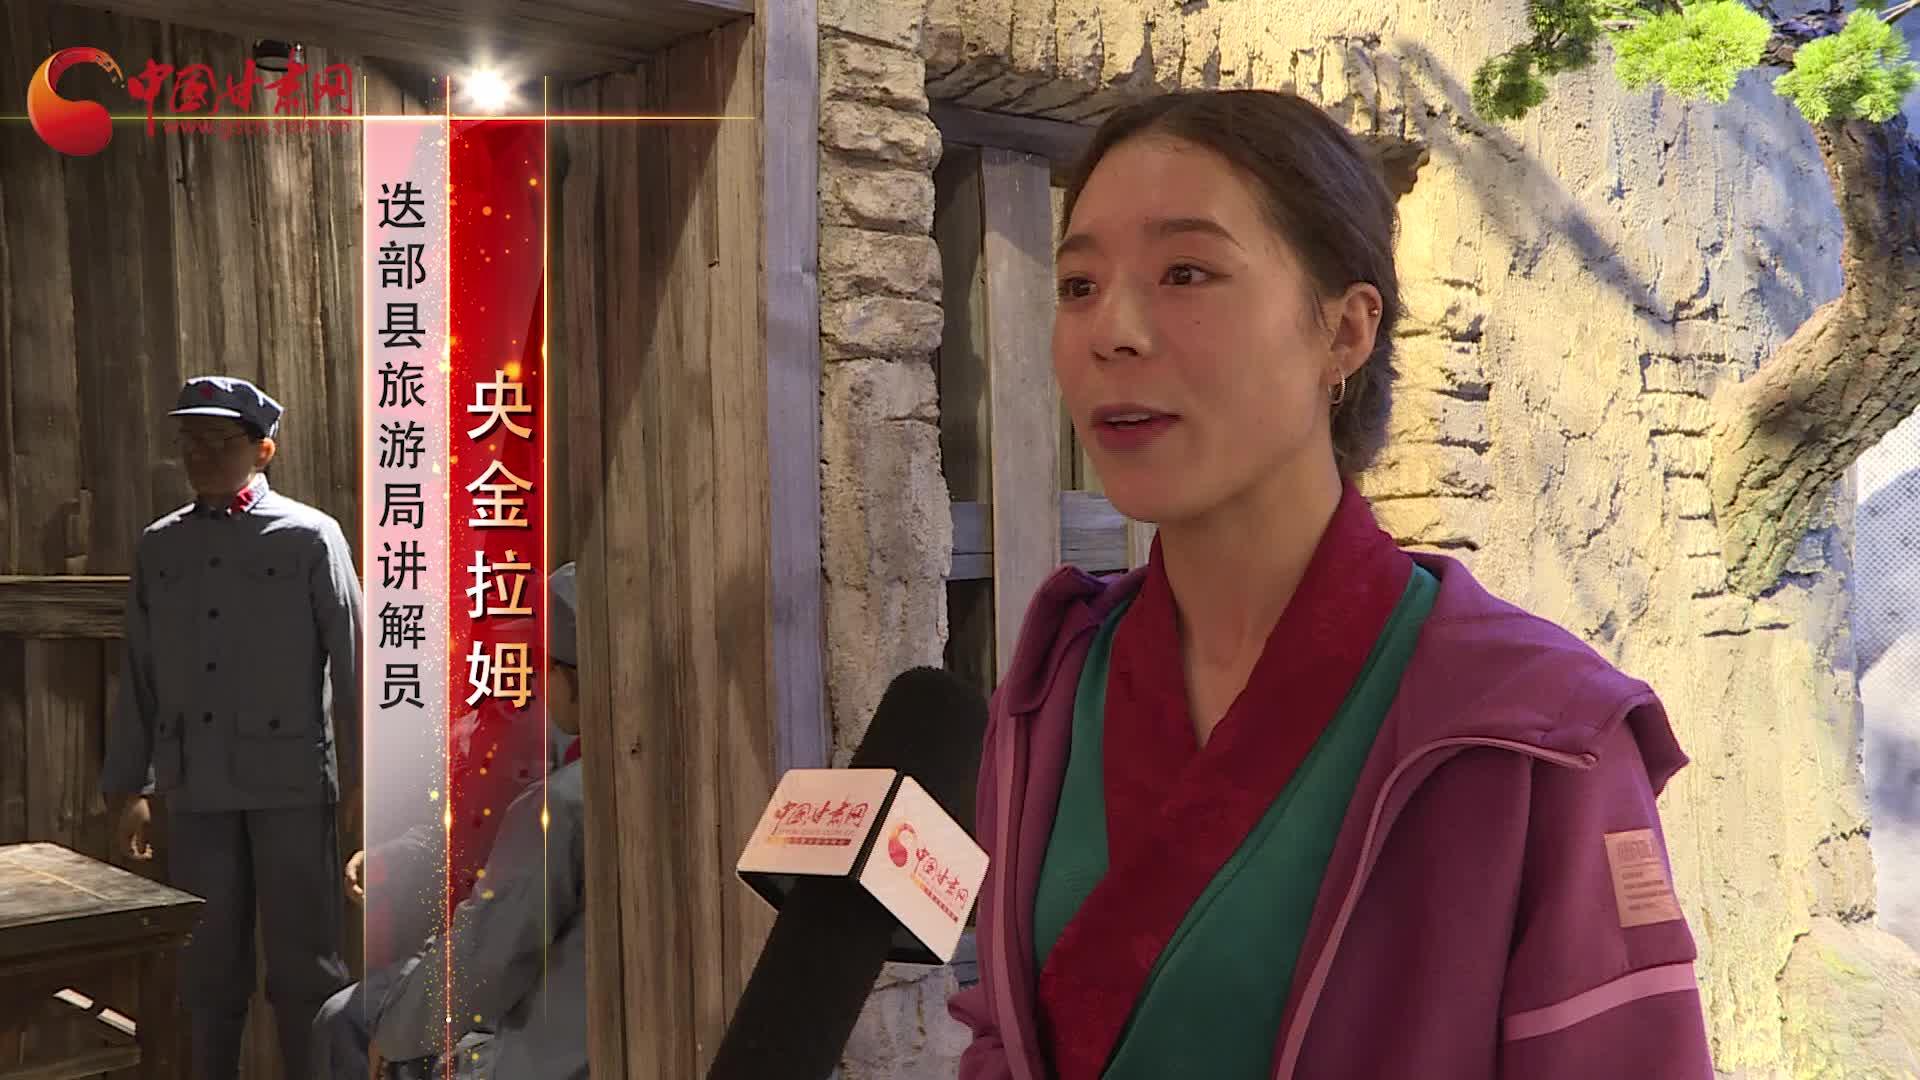 迭部高吉村:长征精神激励 迈向小康社会